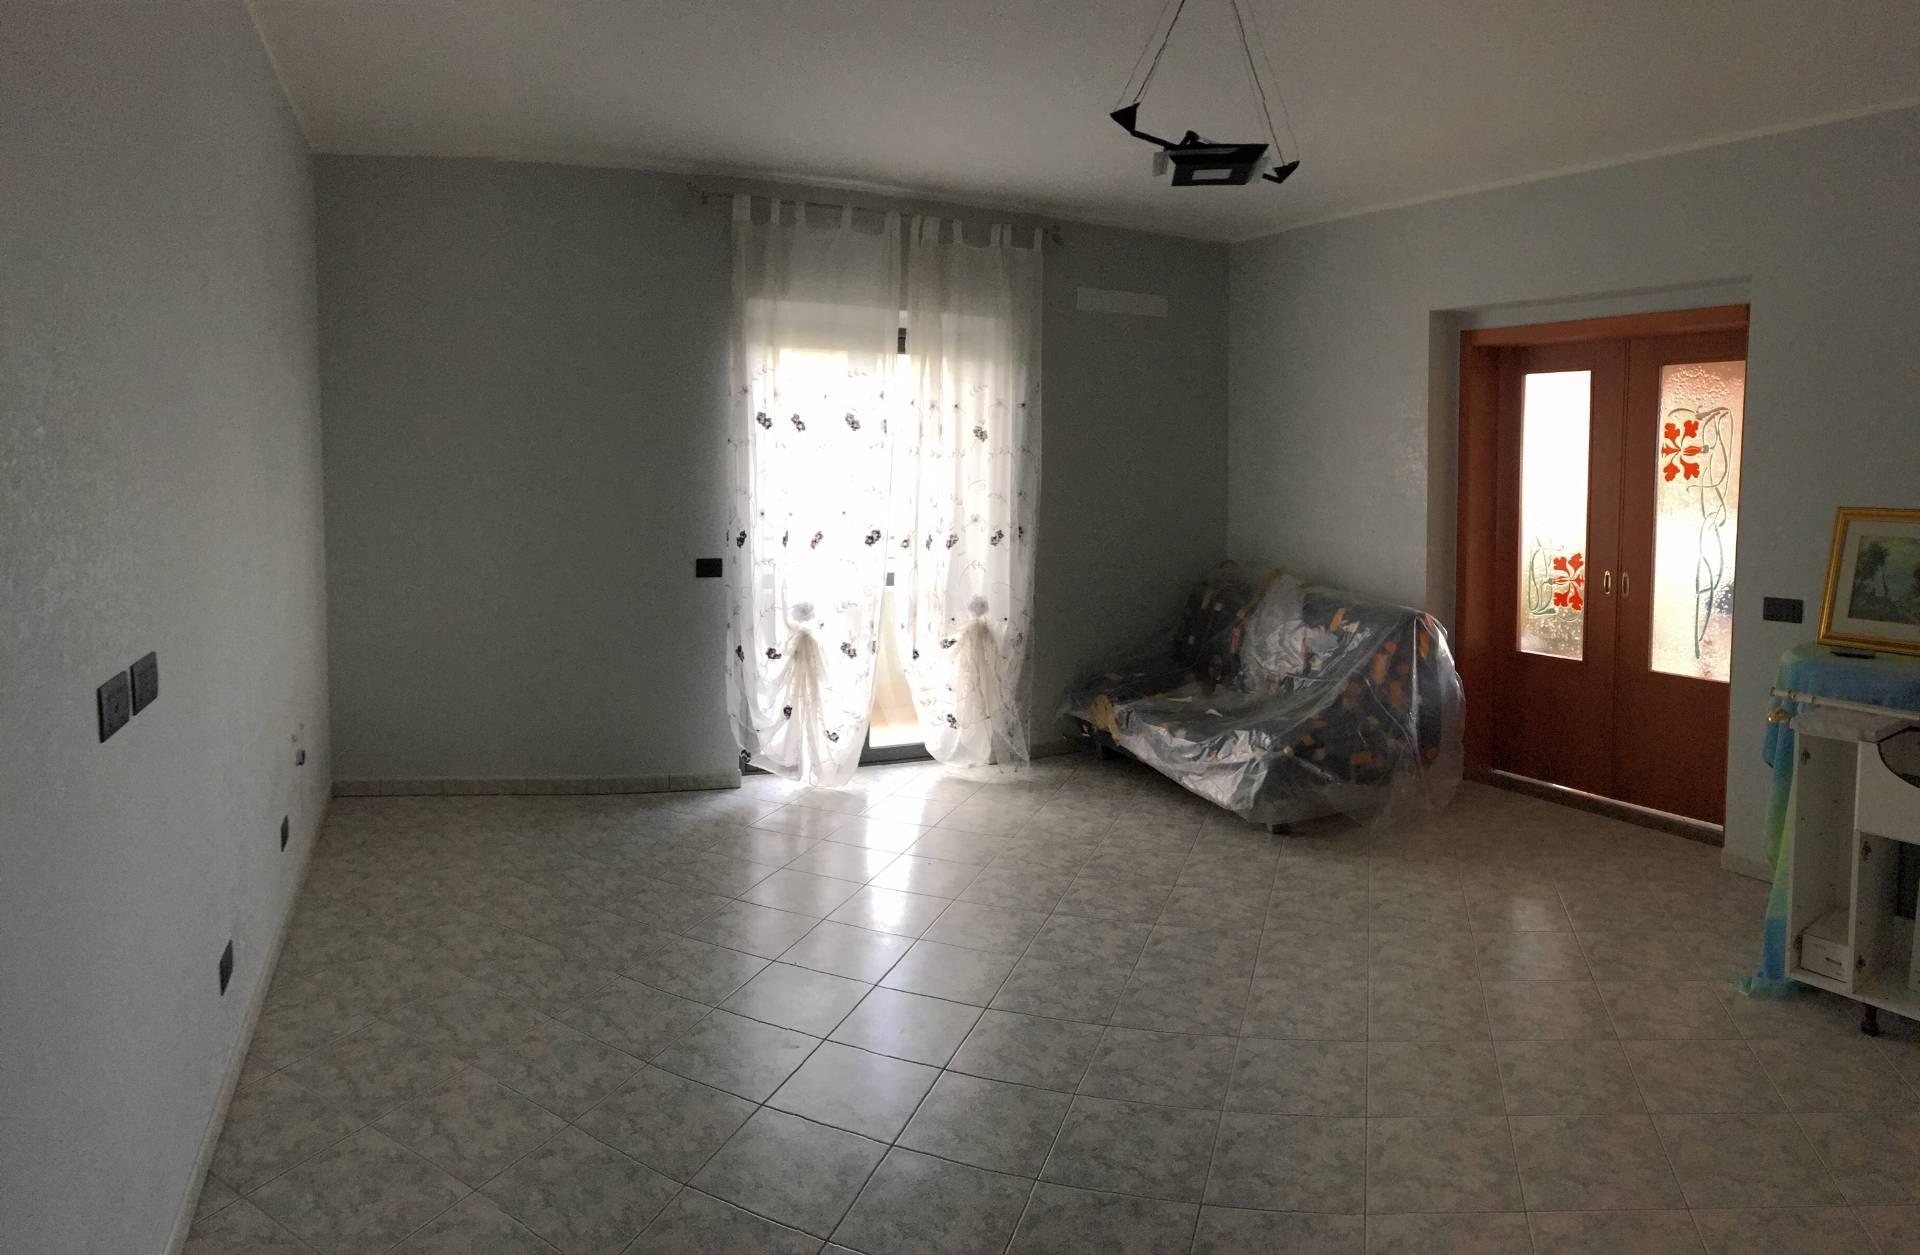 Appartamento in vendita a Davoli, 3 locali, zona Località: MarinadiDavoli, prezzo € 140.000 | CambioCasa.it